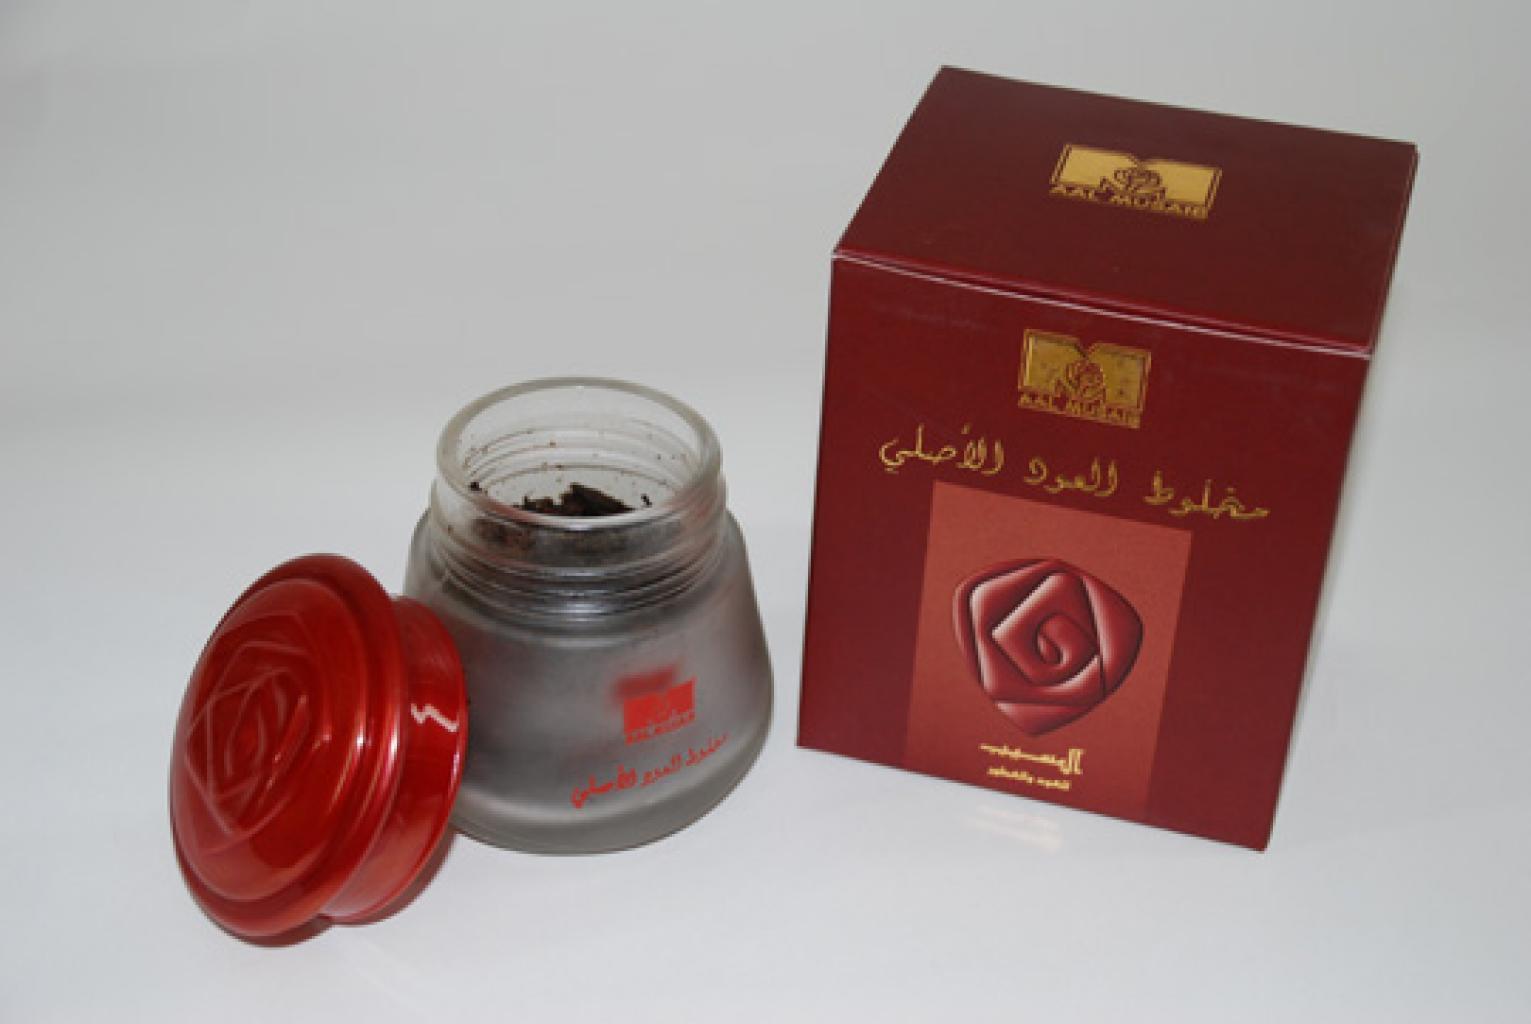 Al Musaib Original Oud in250